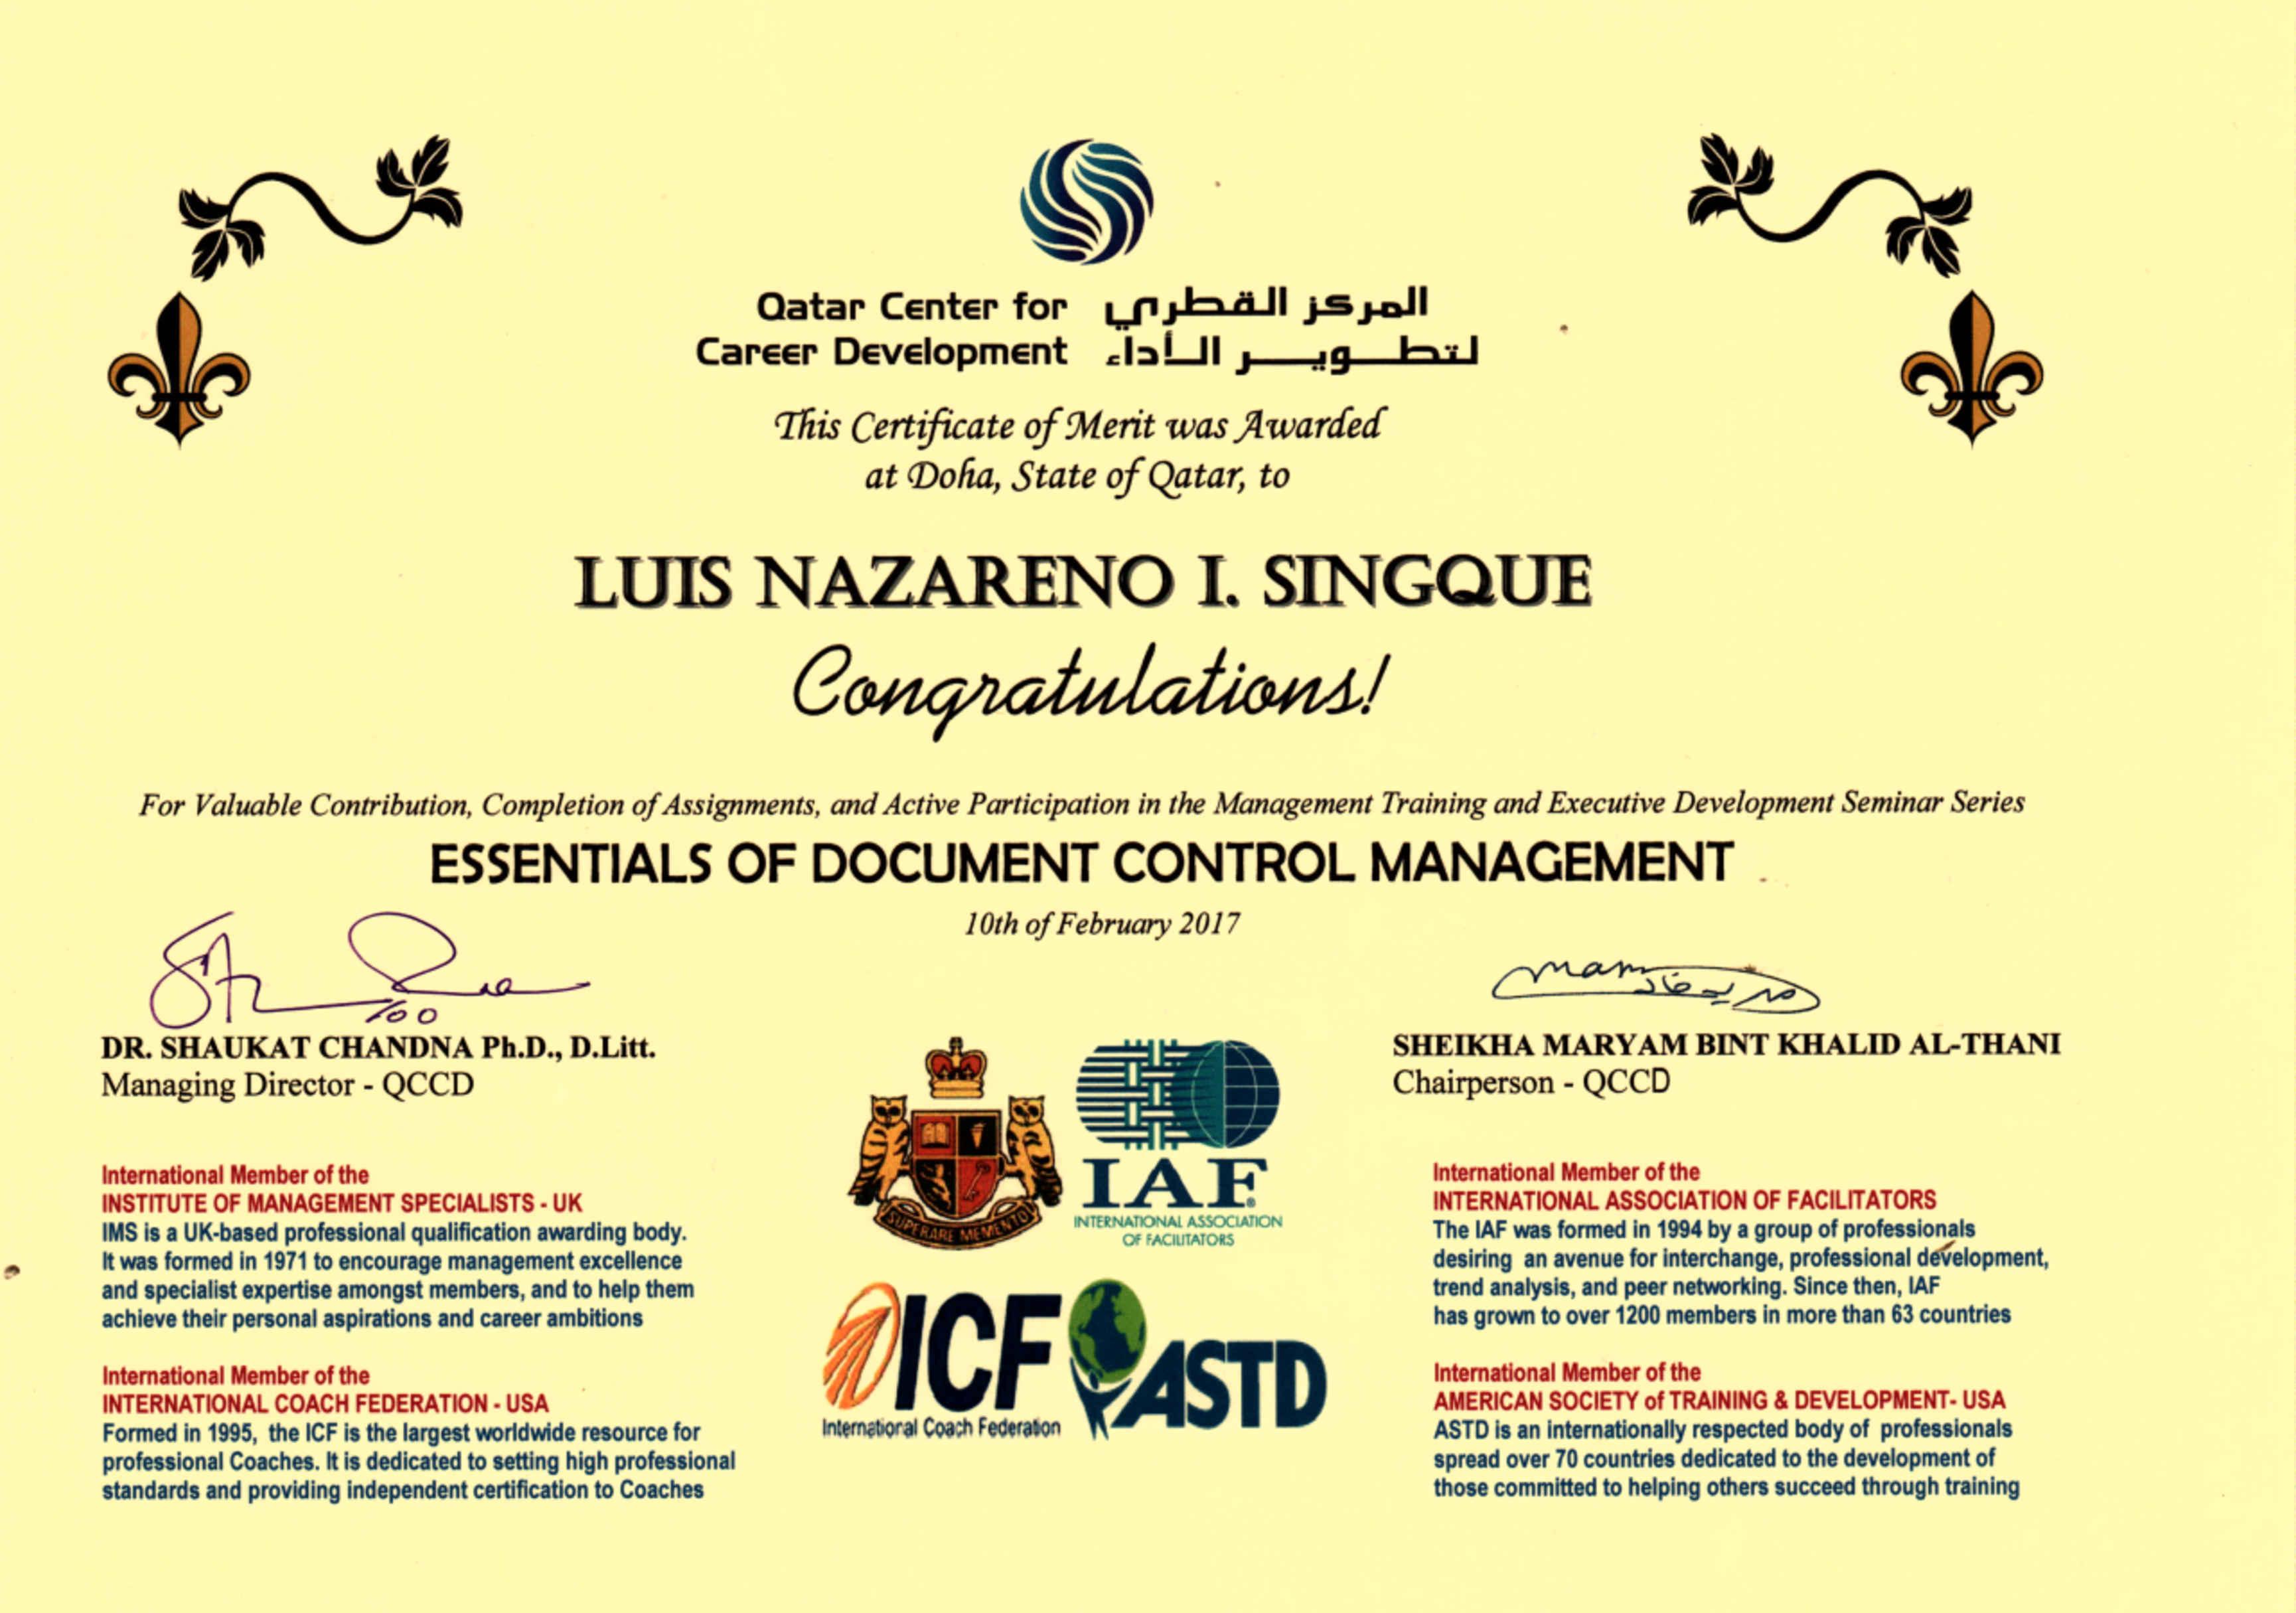 Luis Nazareno Singque Bayt